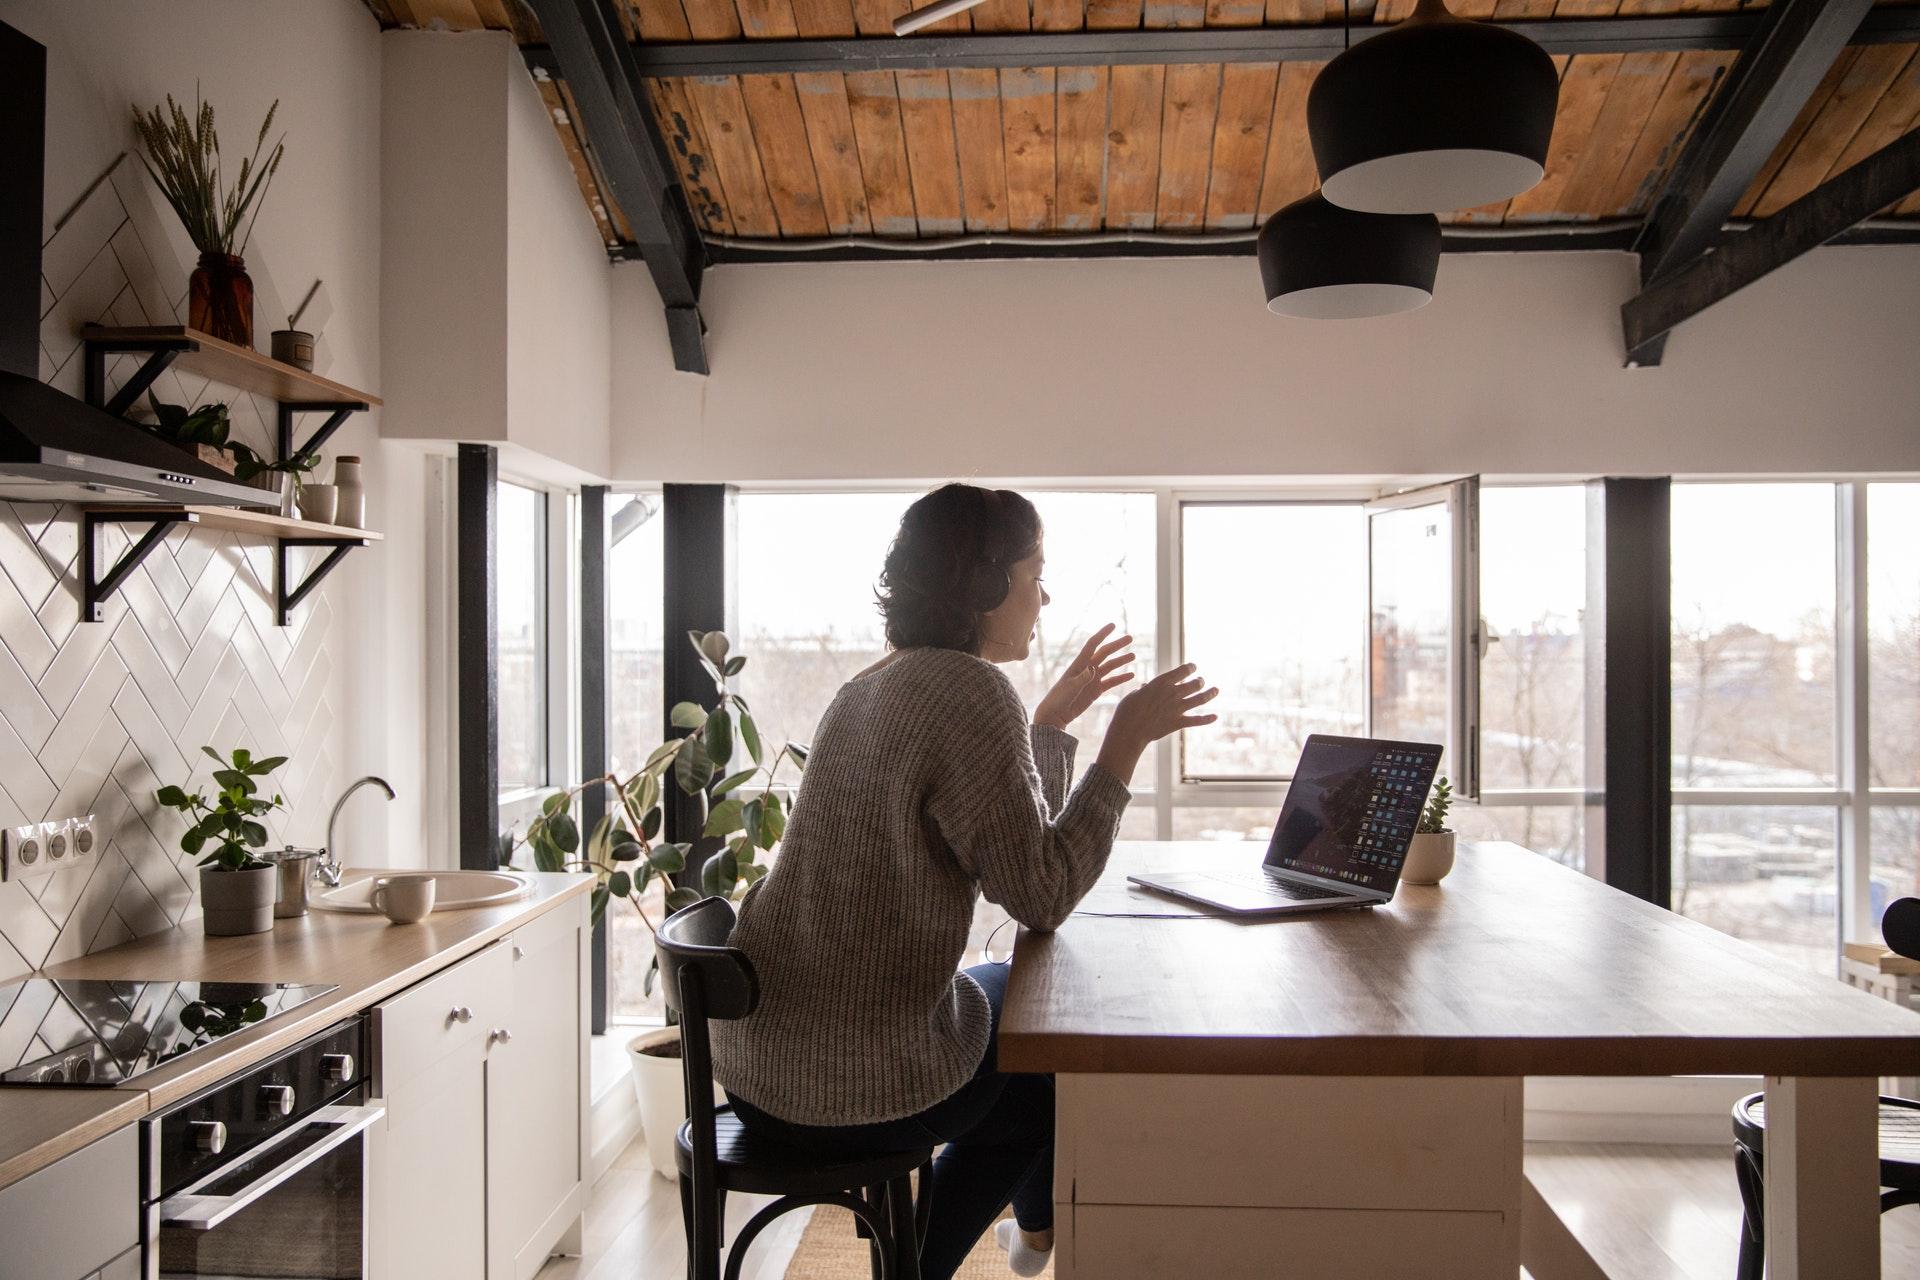 Los beneficios que traerá el 5G al hogar conectado revolucionarán nuestra vida cotidiana.